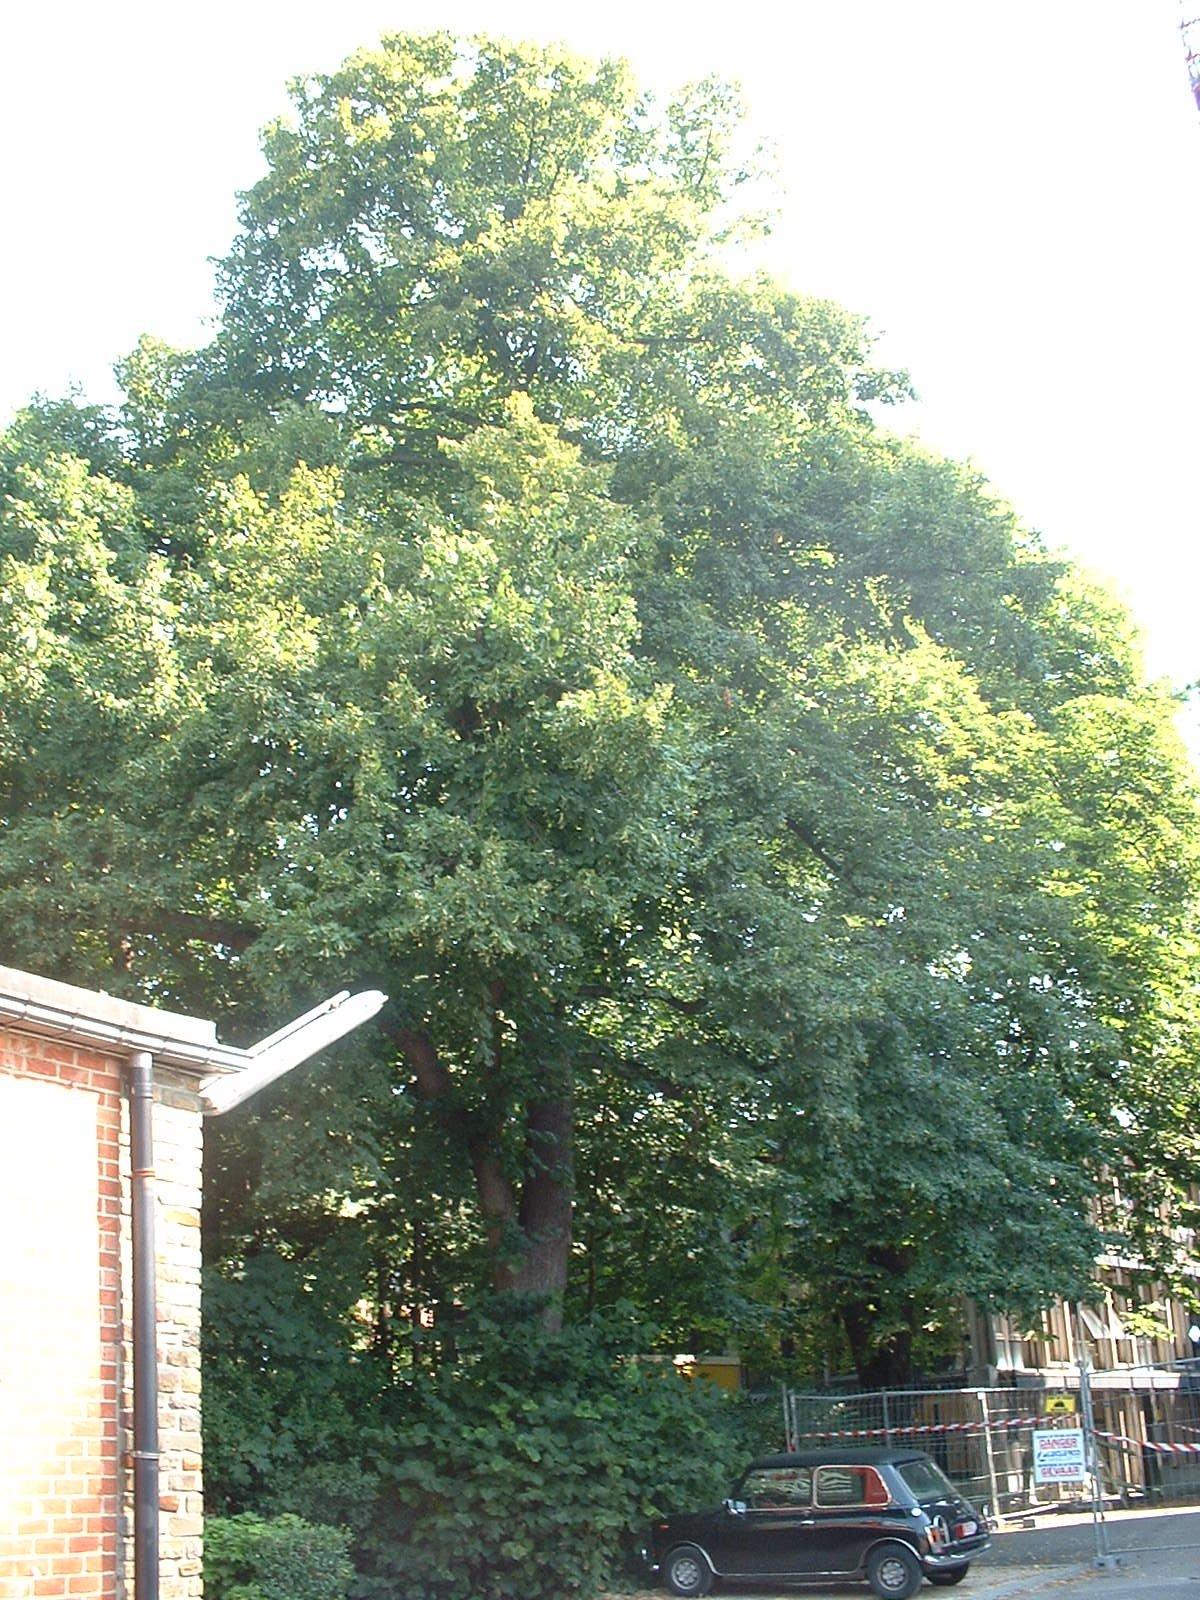 Tilleul à larges feuilles – Bruxelles, Université Libre de Bruxelles - Solbosch, Avenue Adolphe Buyl –  16 Juillet 2003